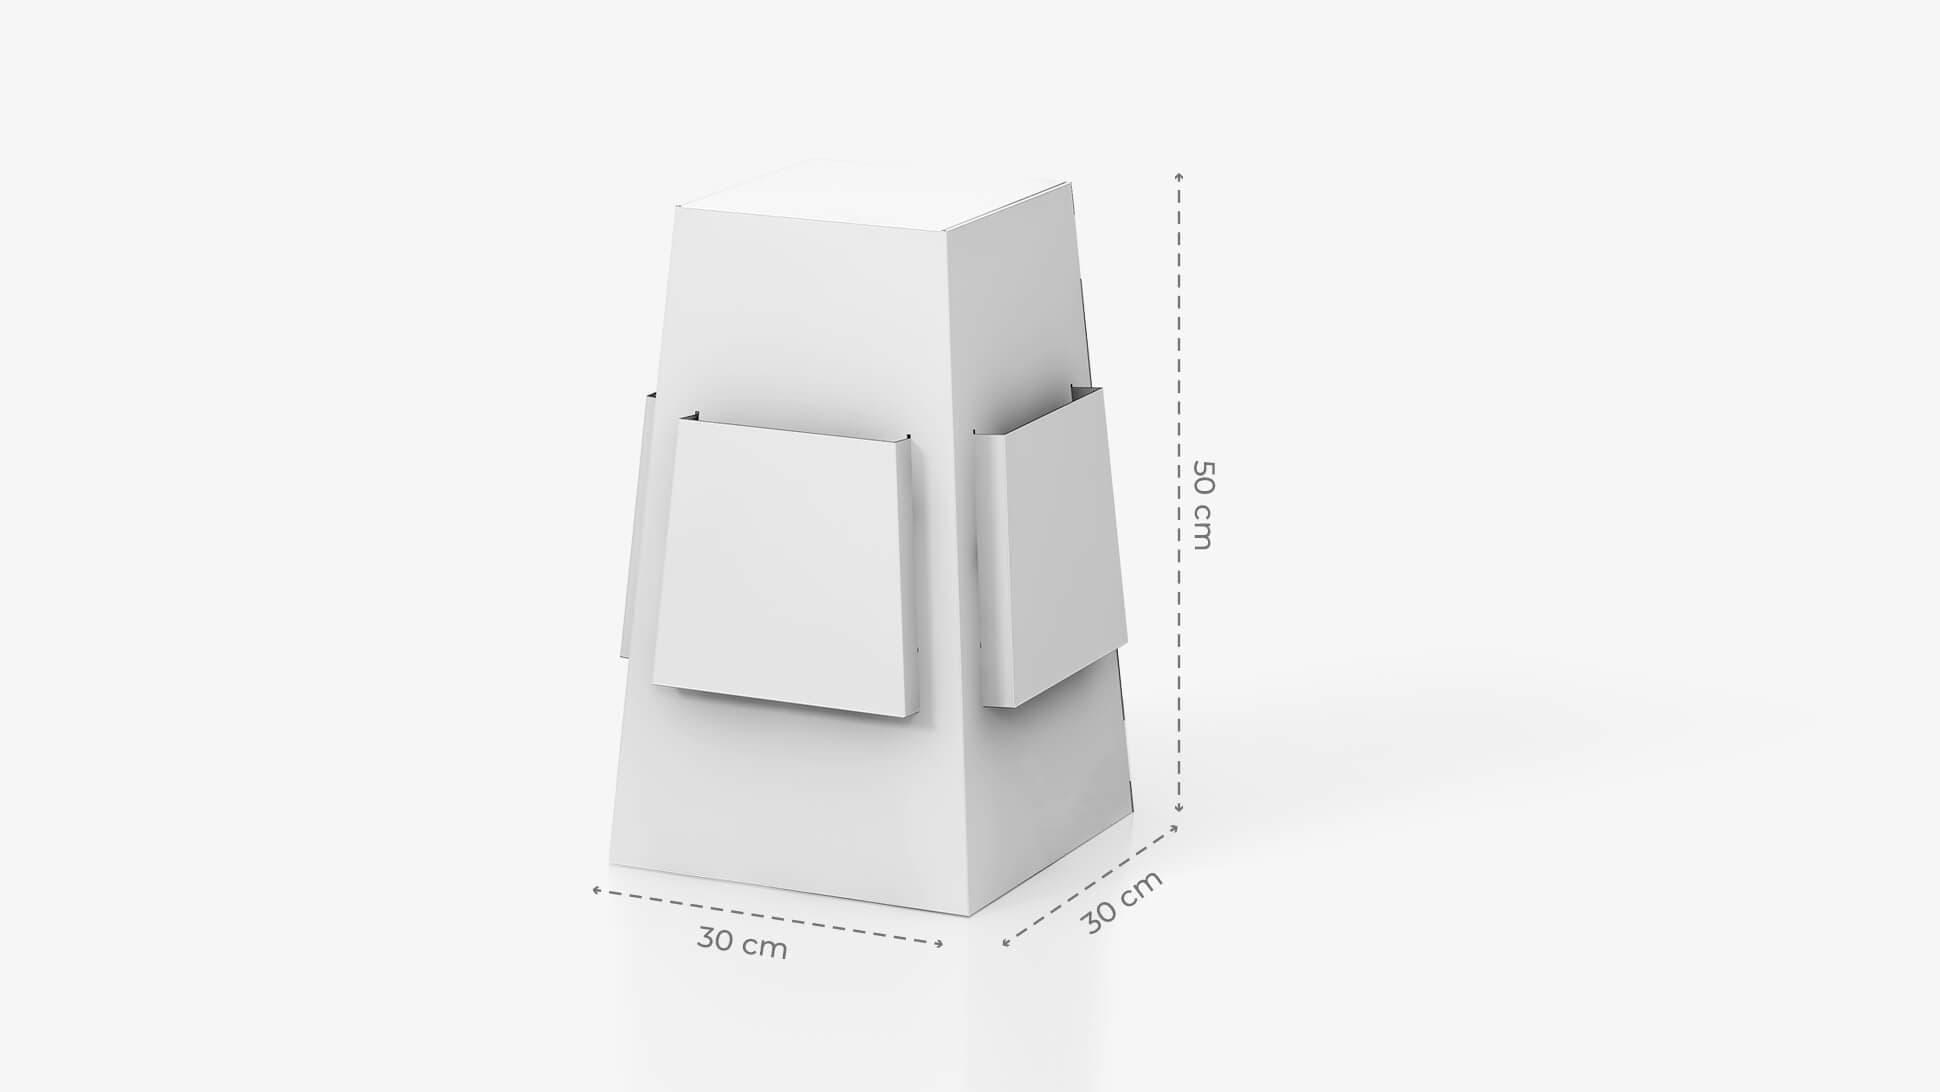 Espositore portavolantini da banco 20x30 cm personalizzabile | tictac.it